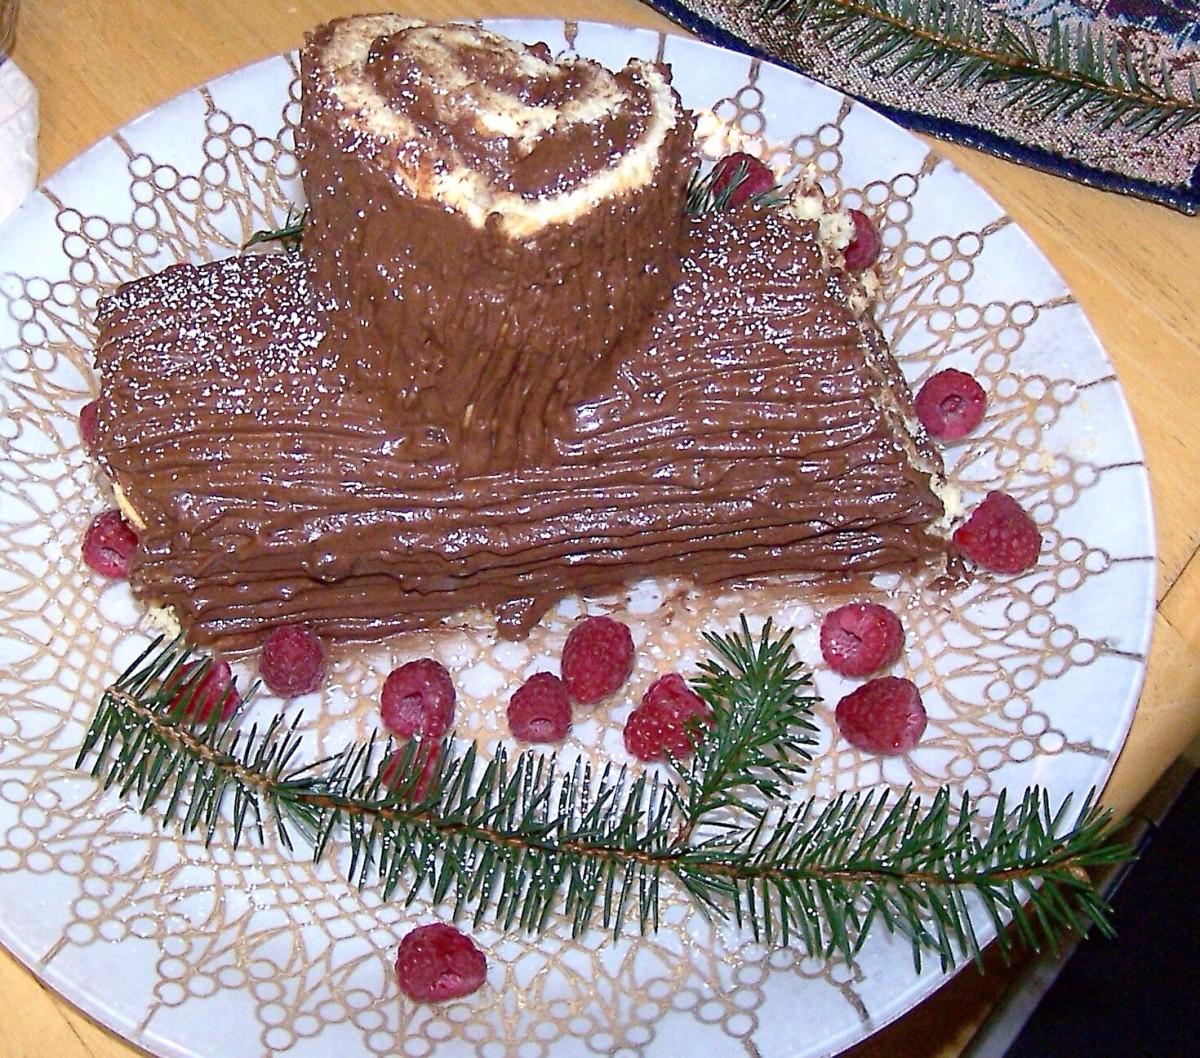 A Yule Log Cake or Bûche de Noël